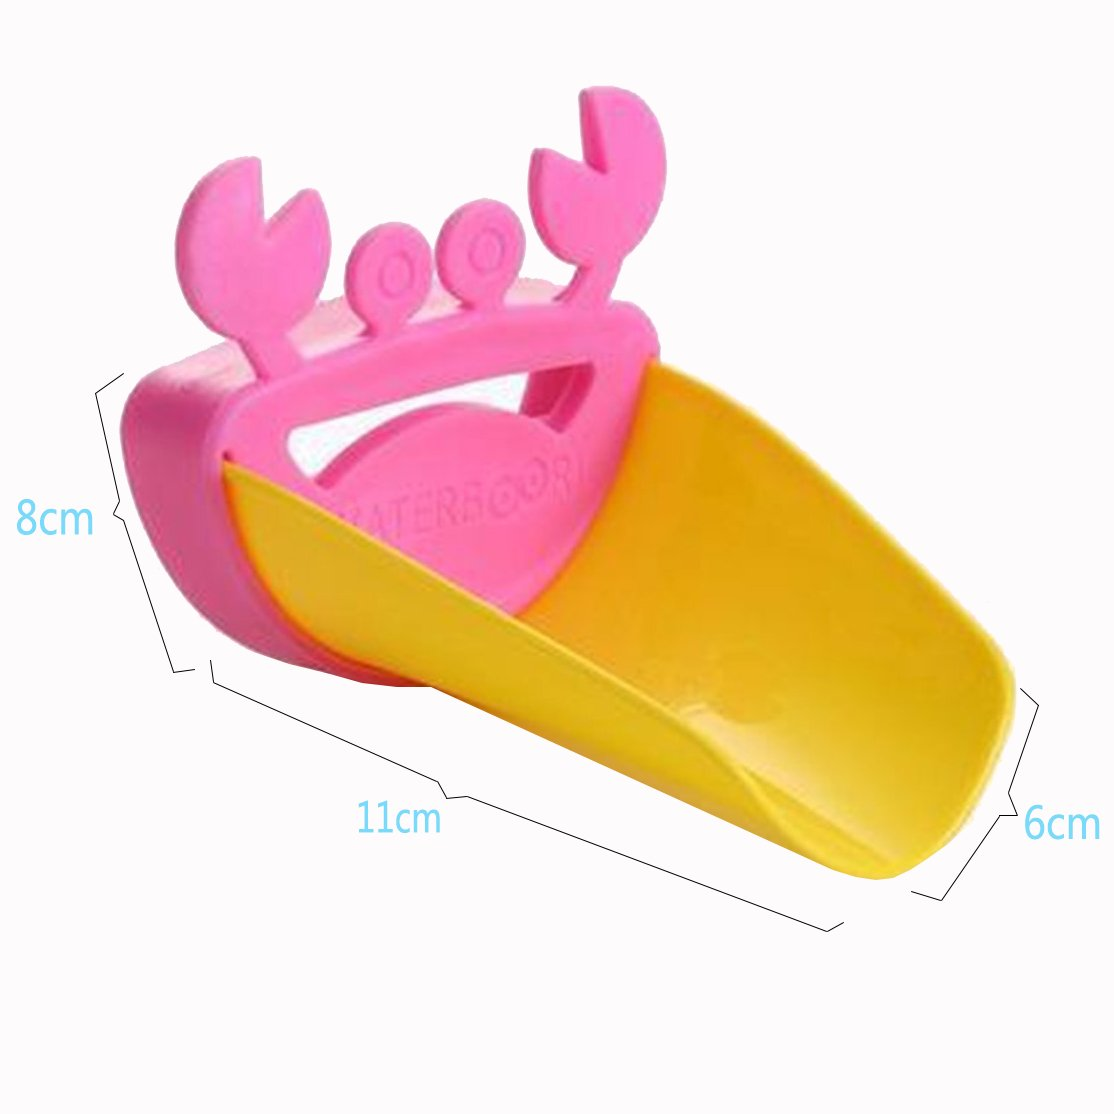 Ihre Kinder gute Hygiene Gewohnheiten Teach Cisixin Cartoon Extender Kinder h/ände waschen in Waschbecken mit verschiedenen Farben